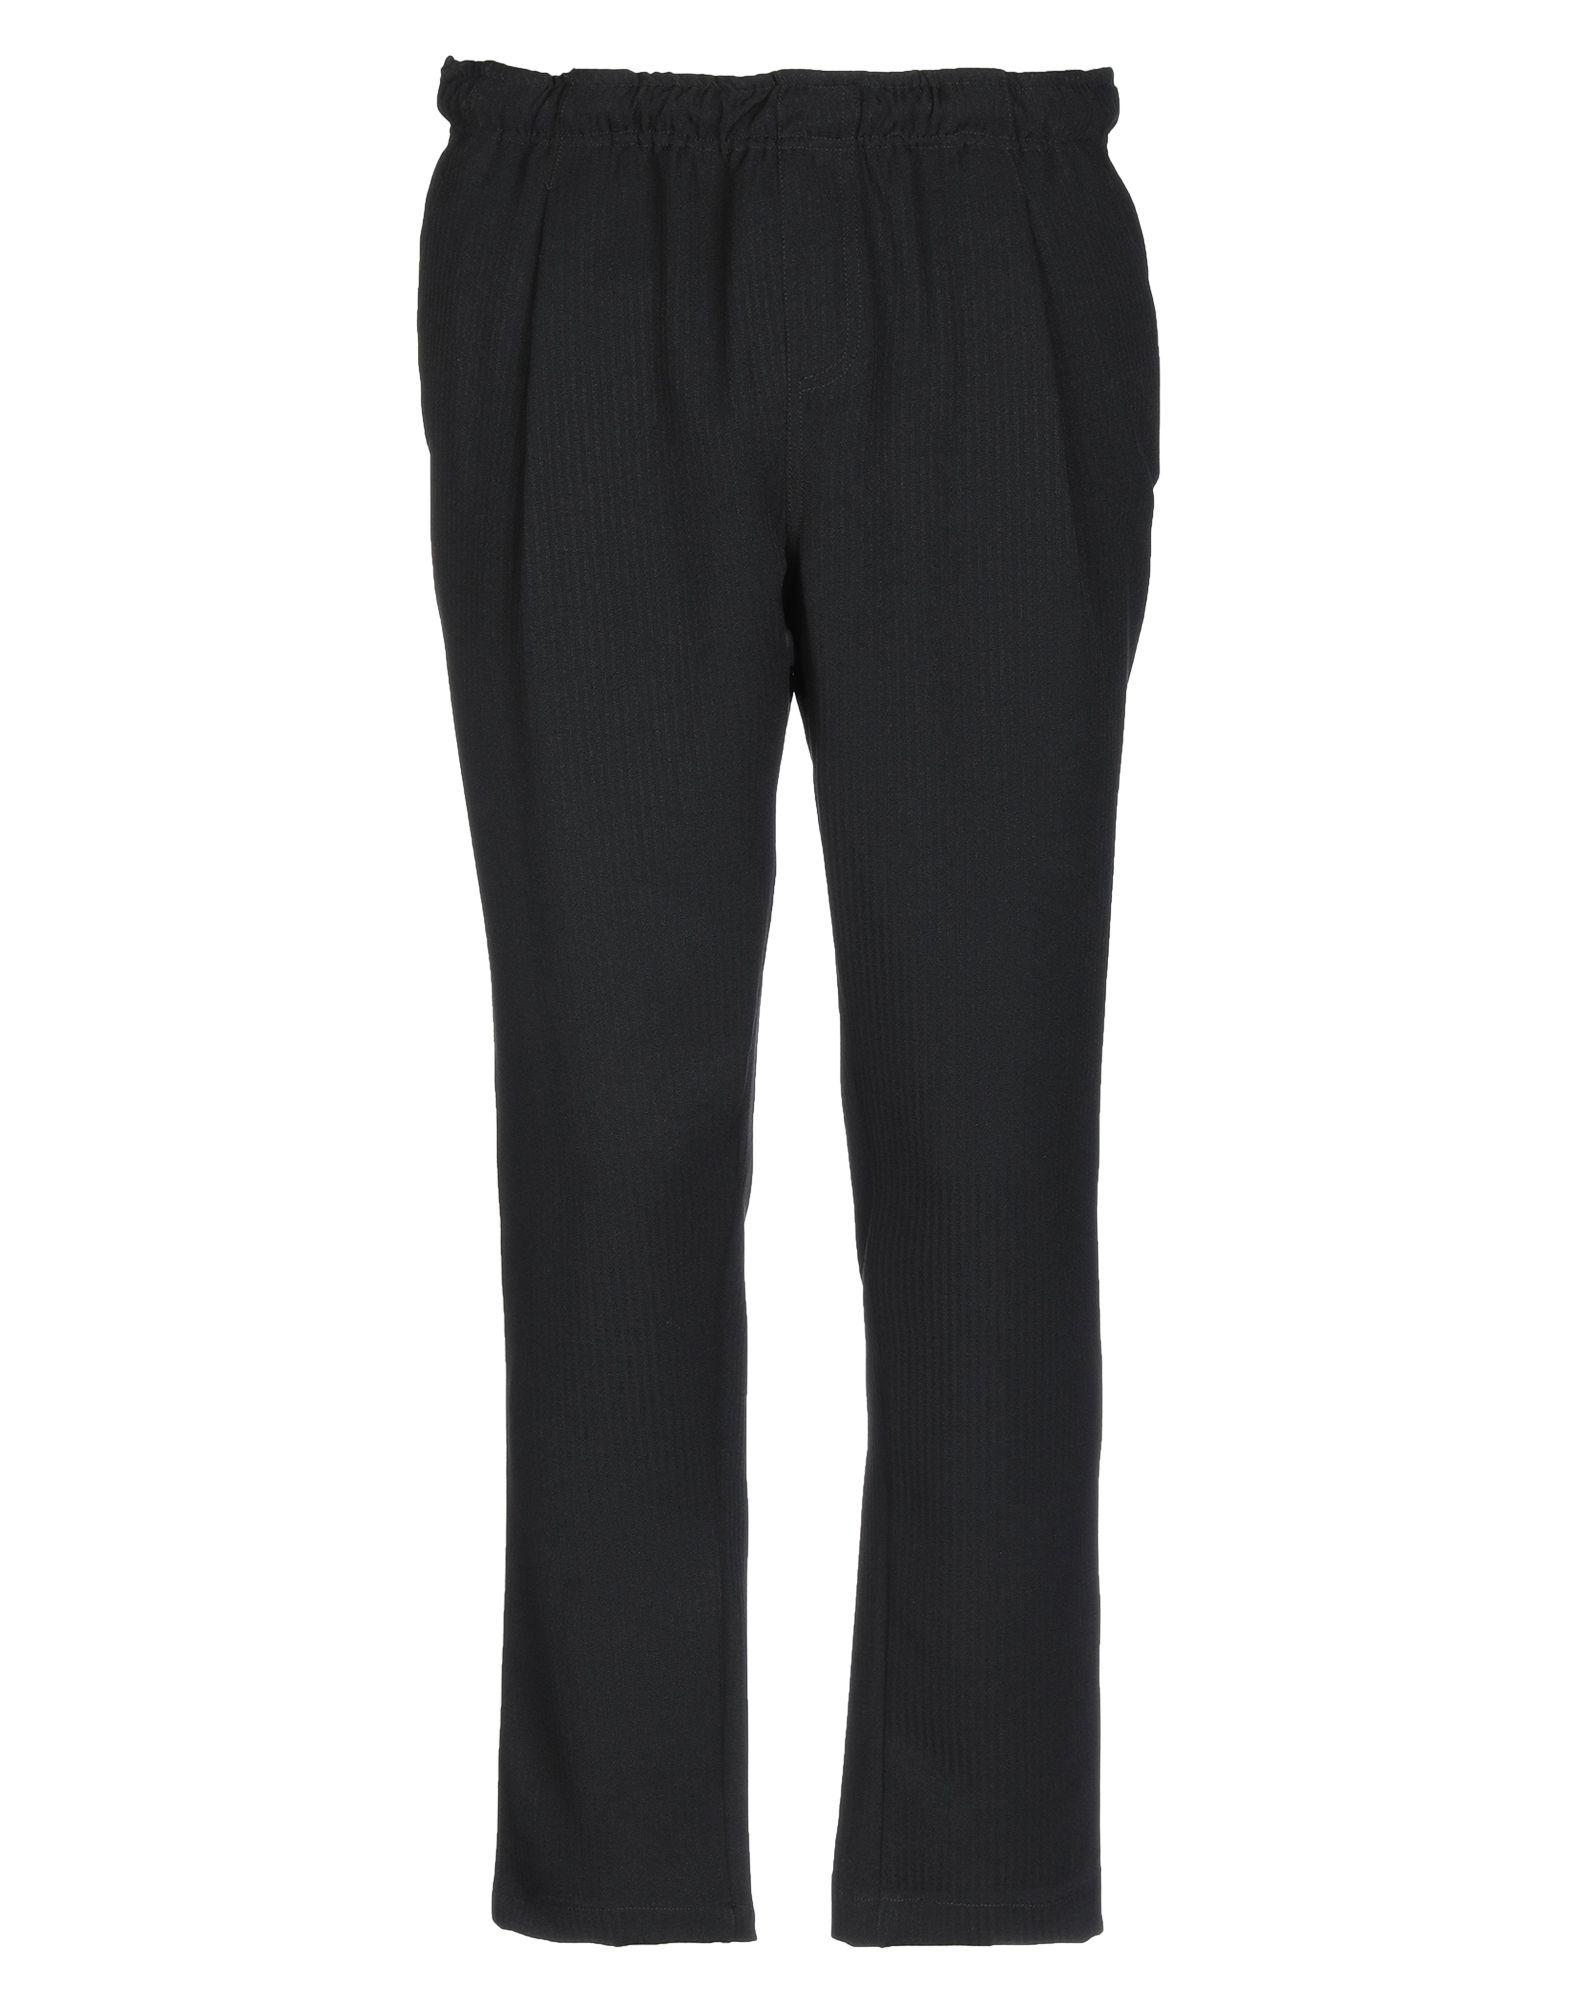 《セール開催中》THE KINGLESS COLLECTIVE メンズ パンツ ブラック L ポリエステル 95% / ポリウレタン 5%